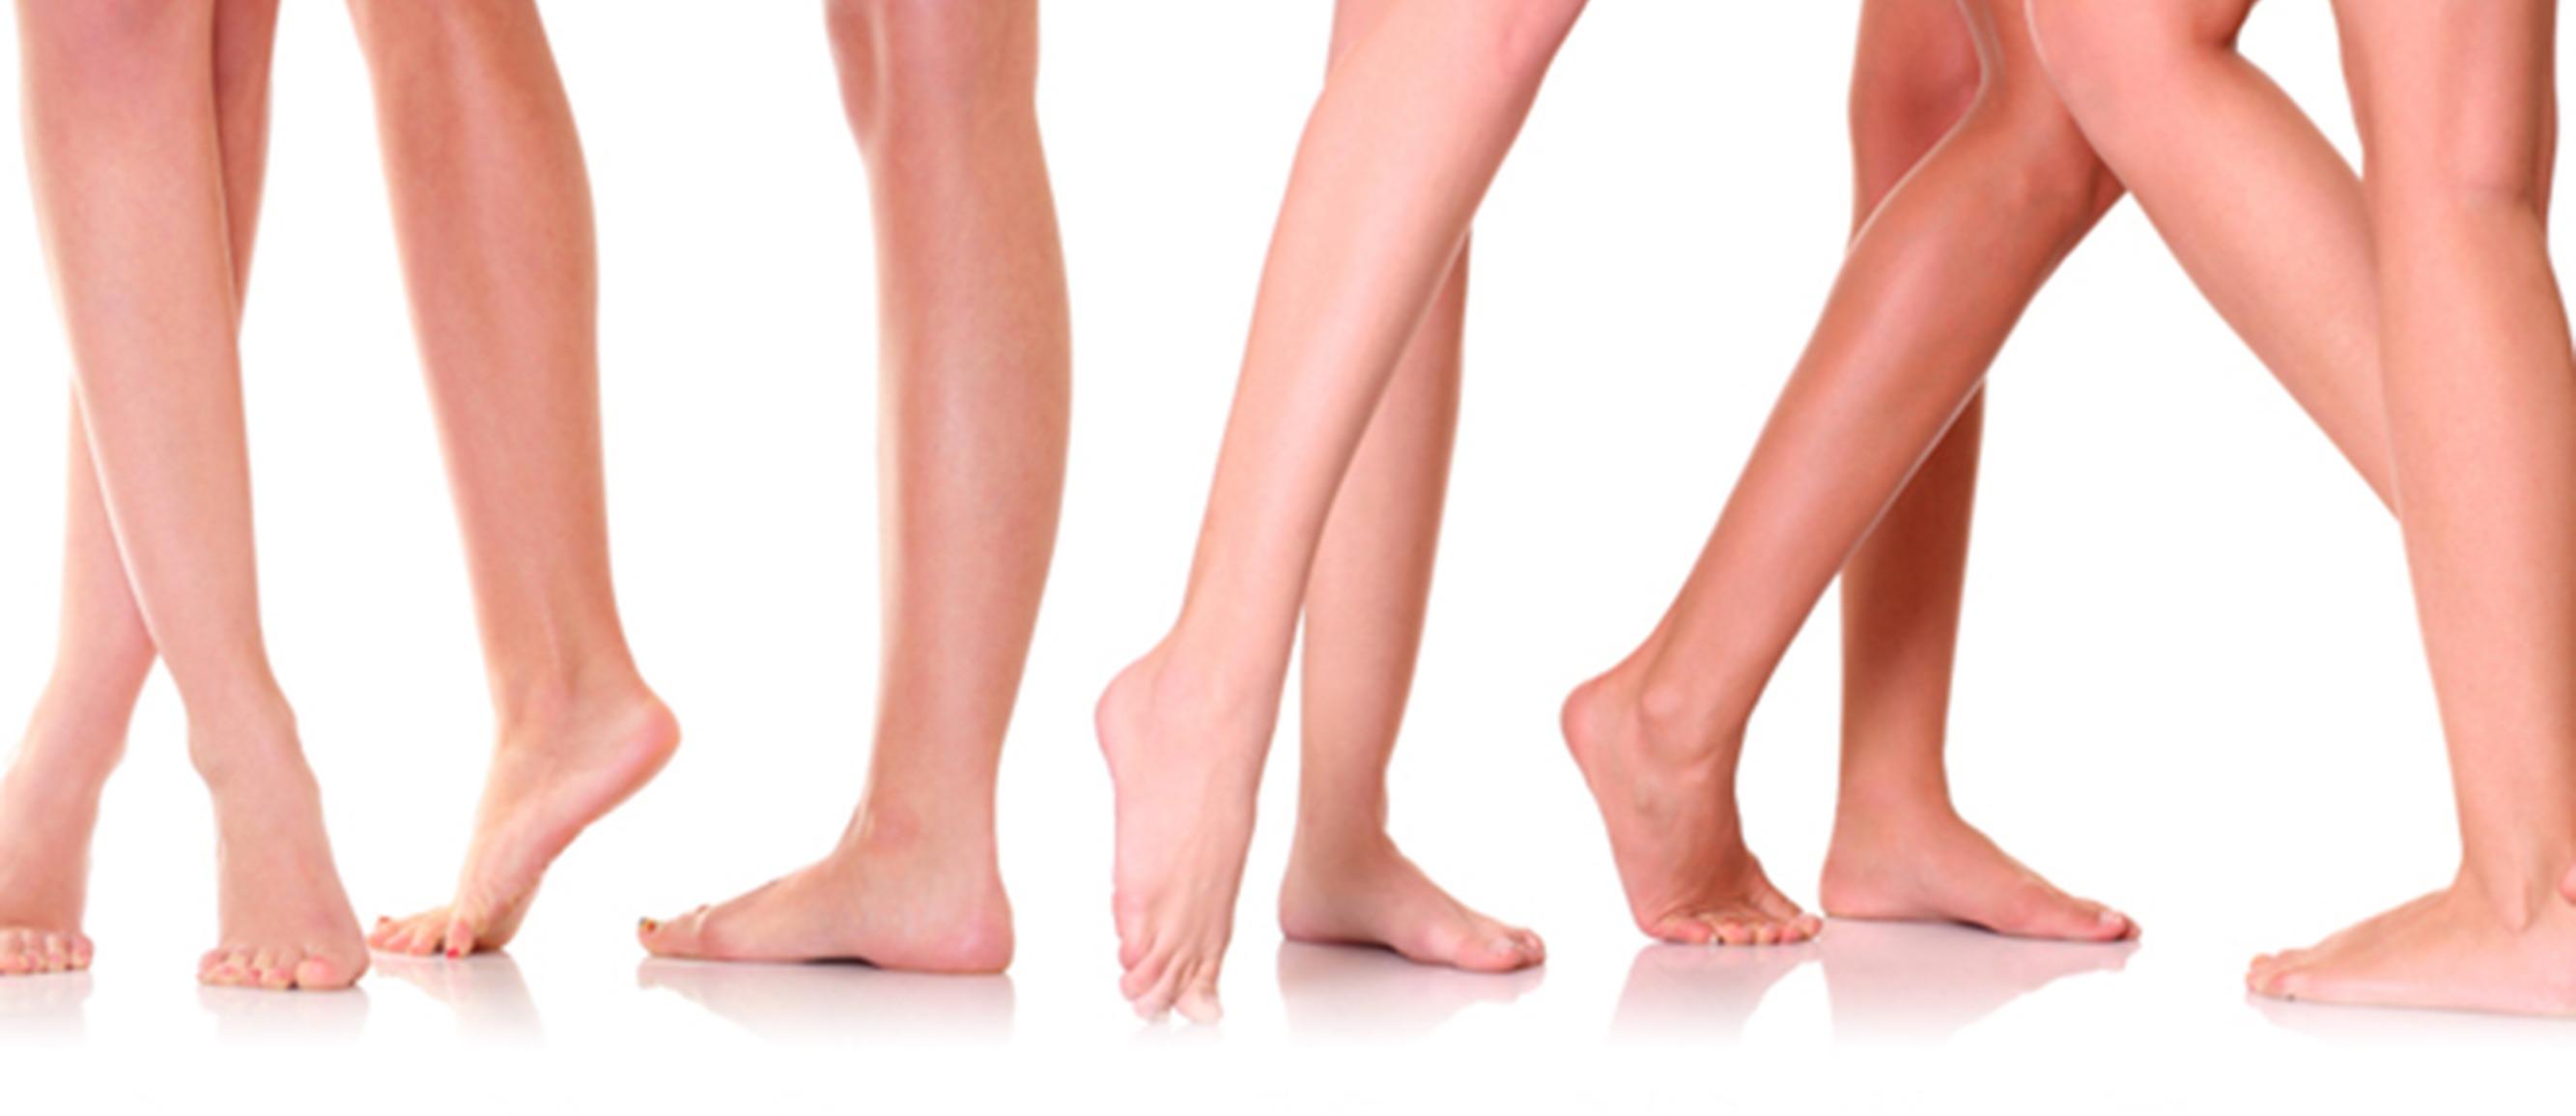 İnce Bacaklar Nasıl Kalınlaştırılır